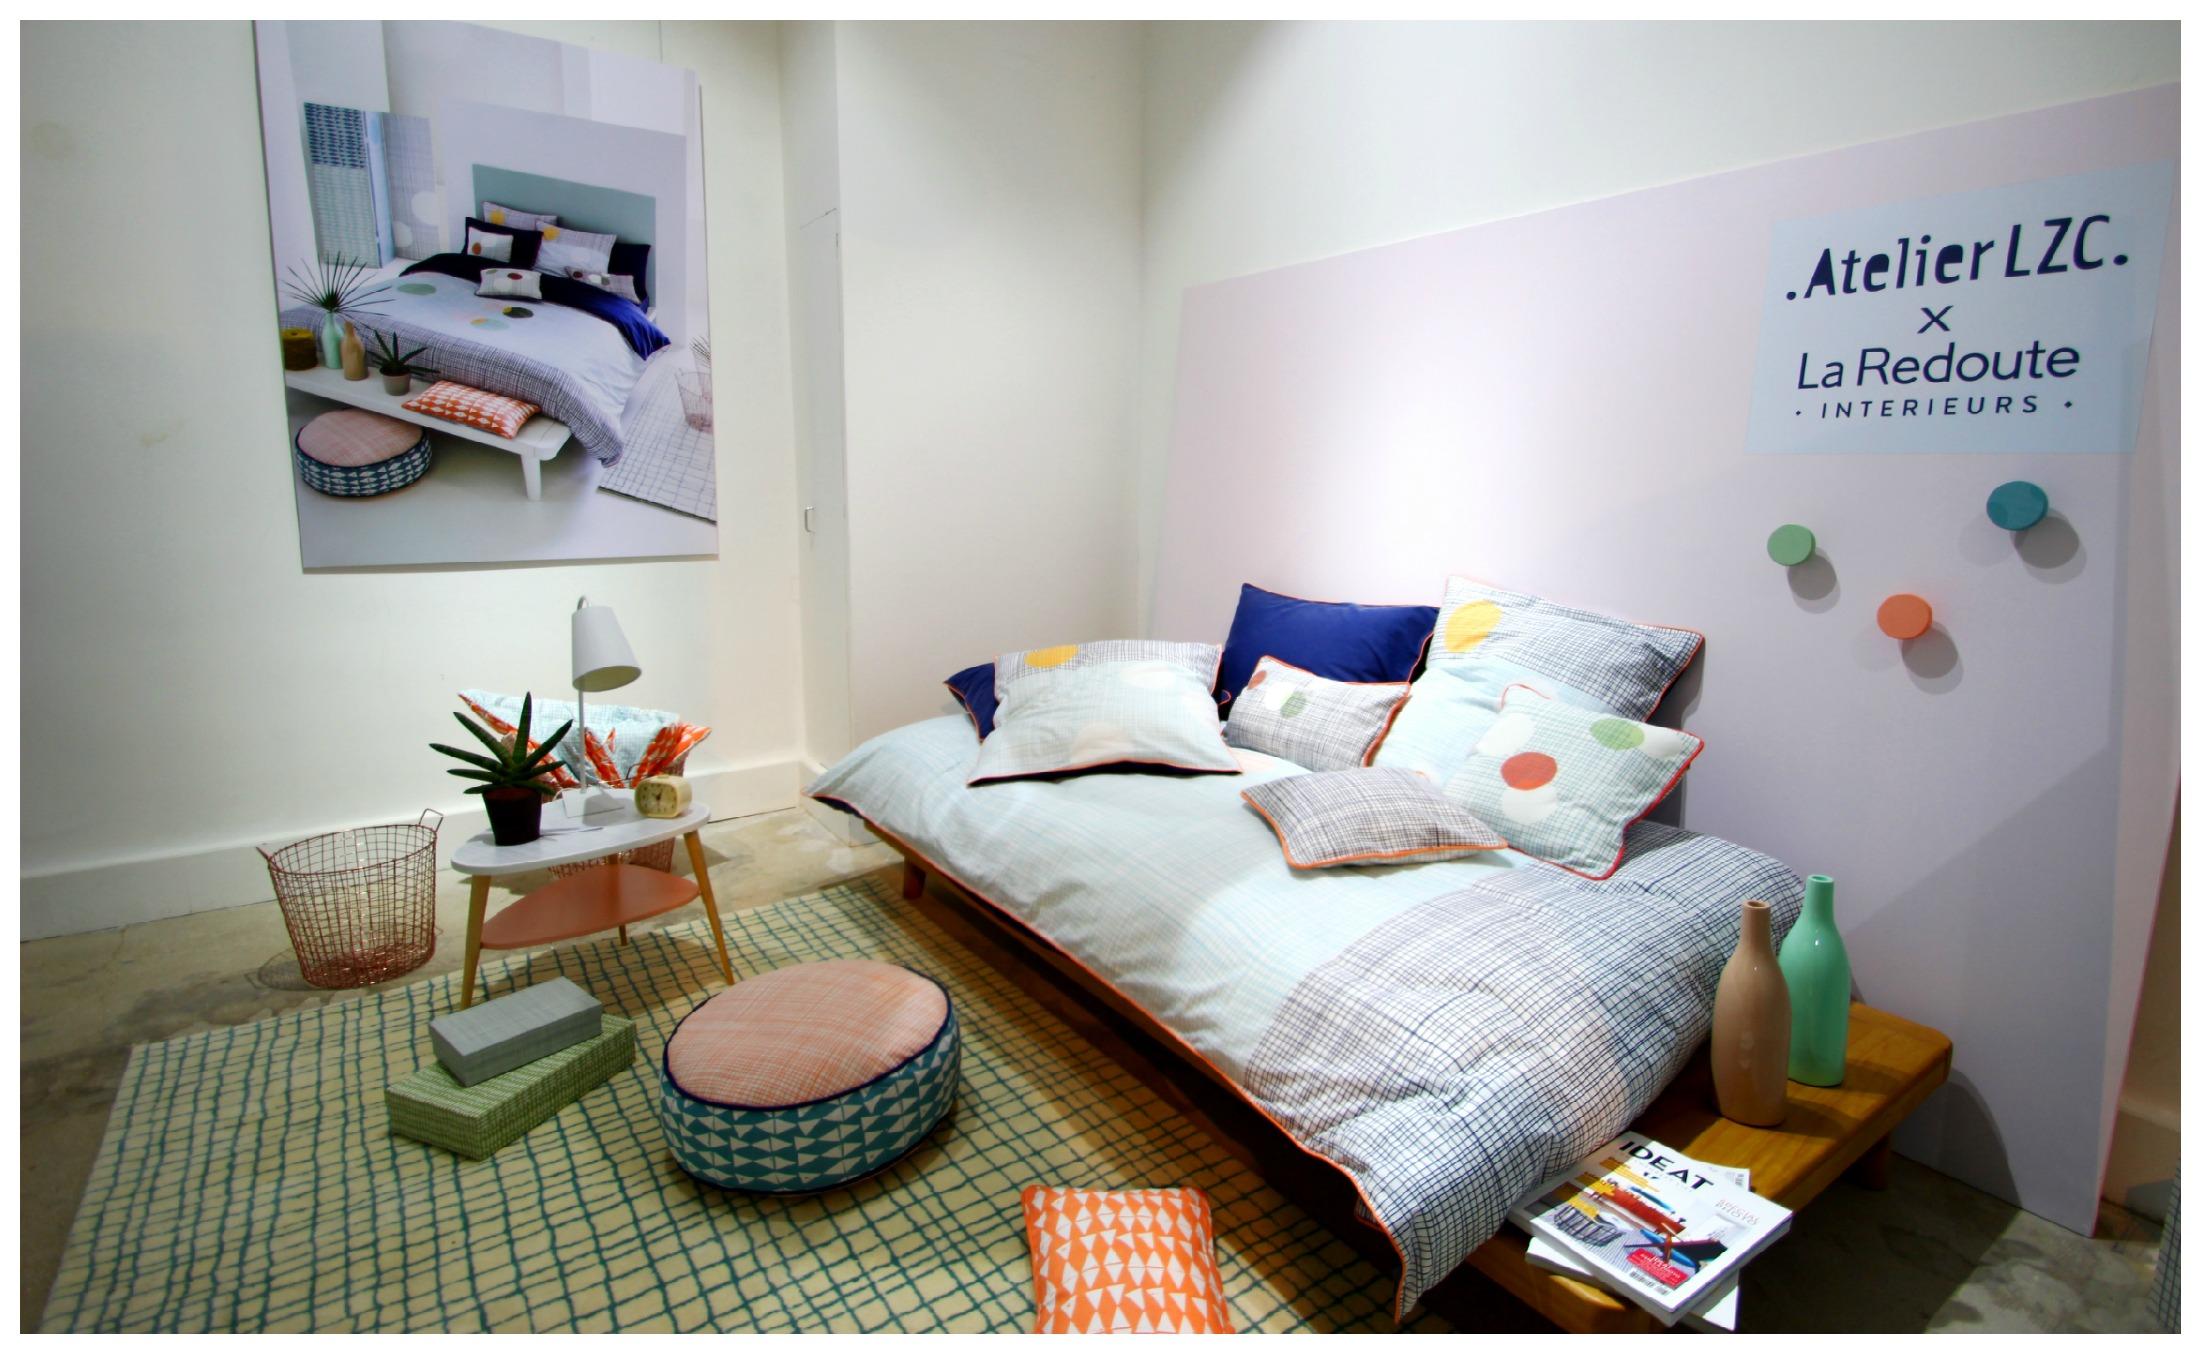 atelier lzc la redoute int rieurs collection printemps et. Black Bedroom Furniture Sets. Home Design Ideas